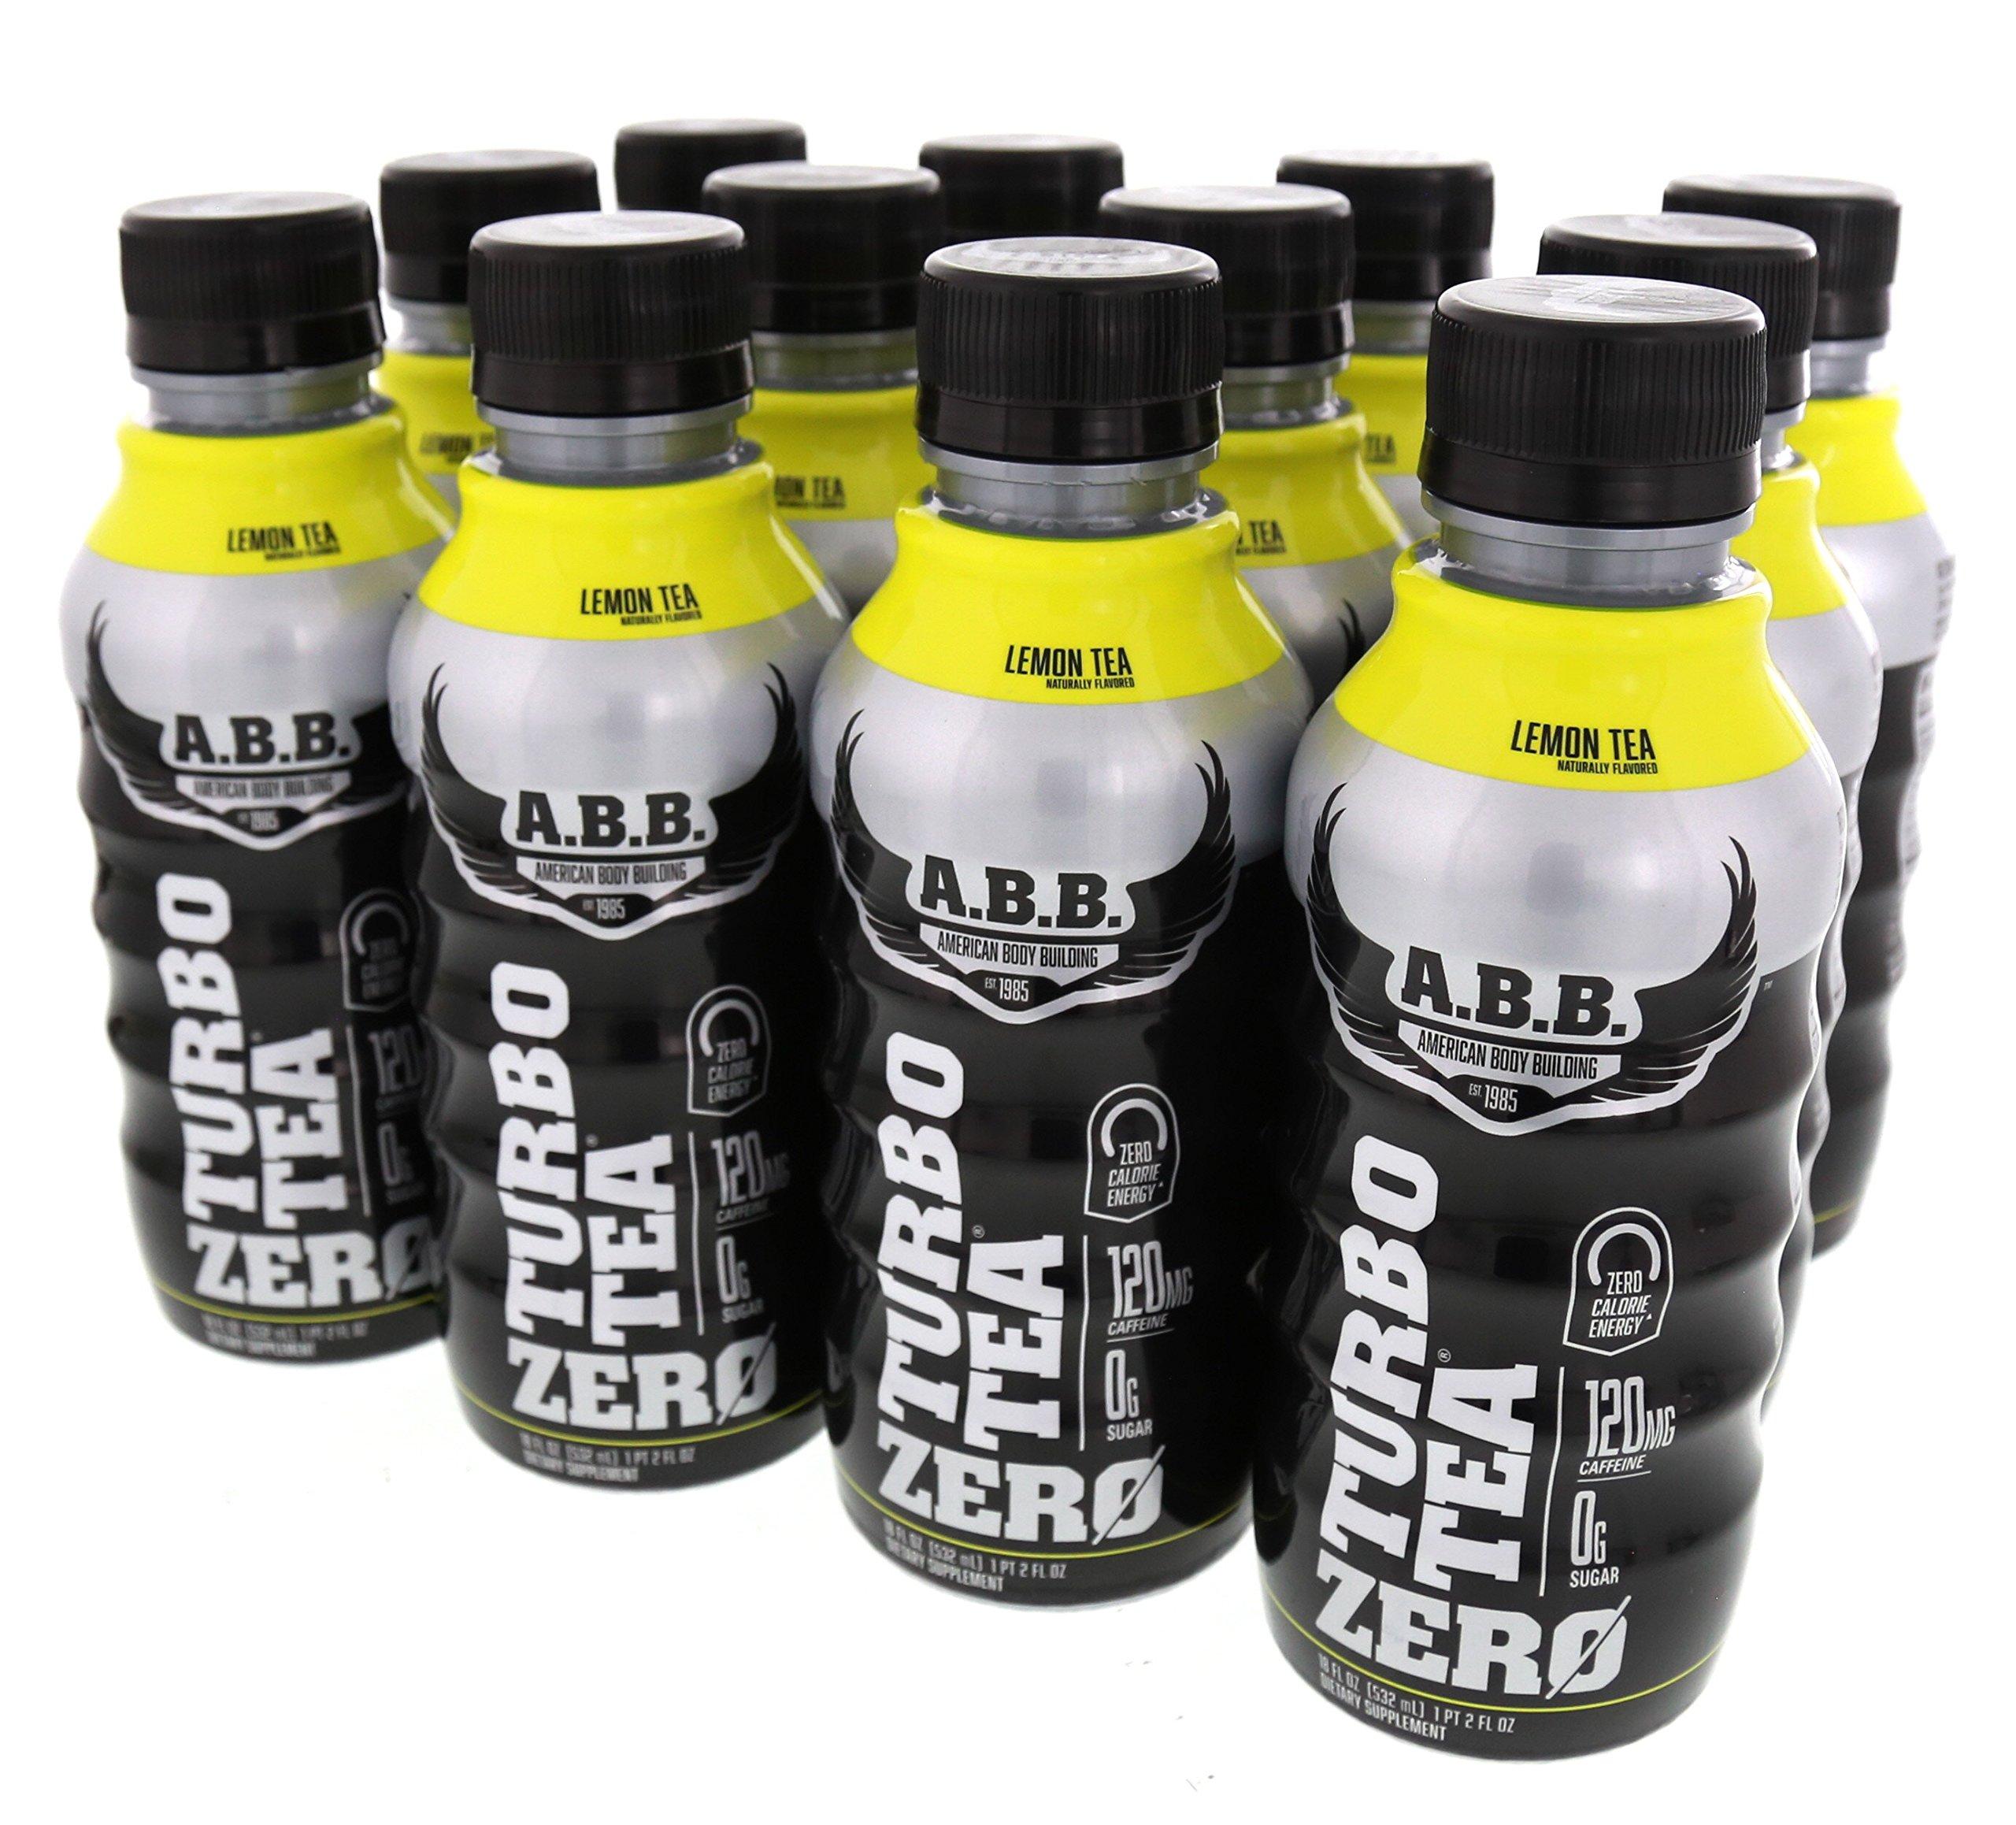 ABB Turbo Zero Tea 12/18oz Bottles Lemon Tea